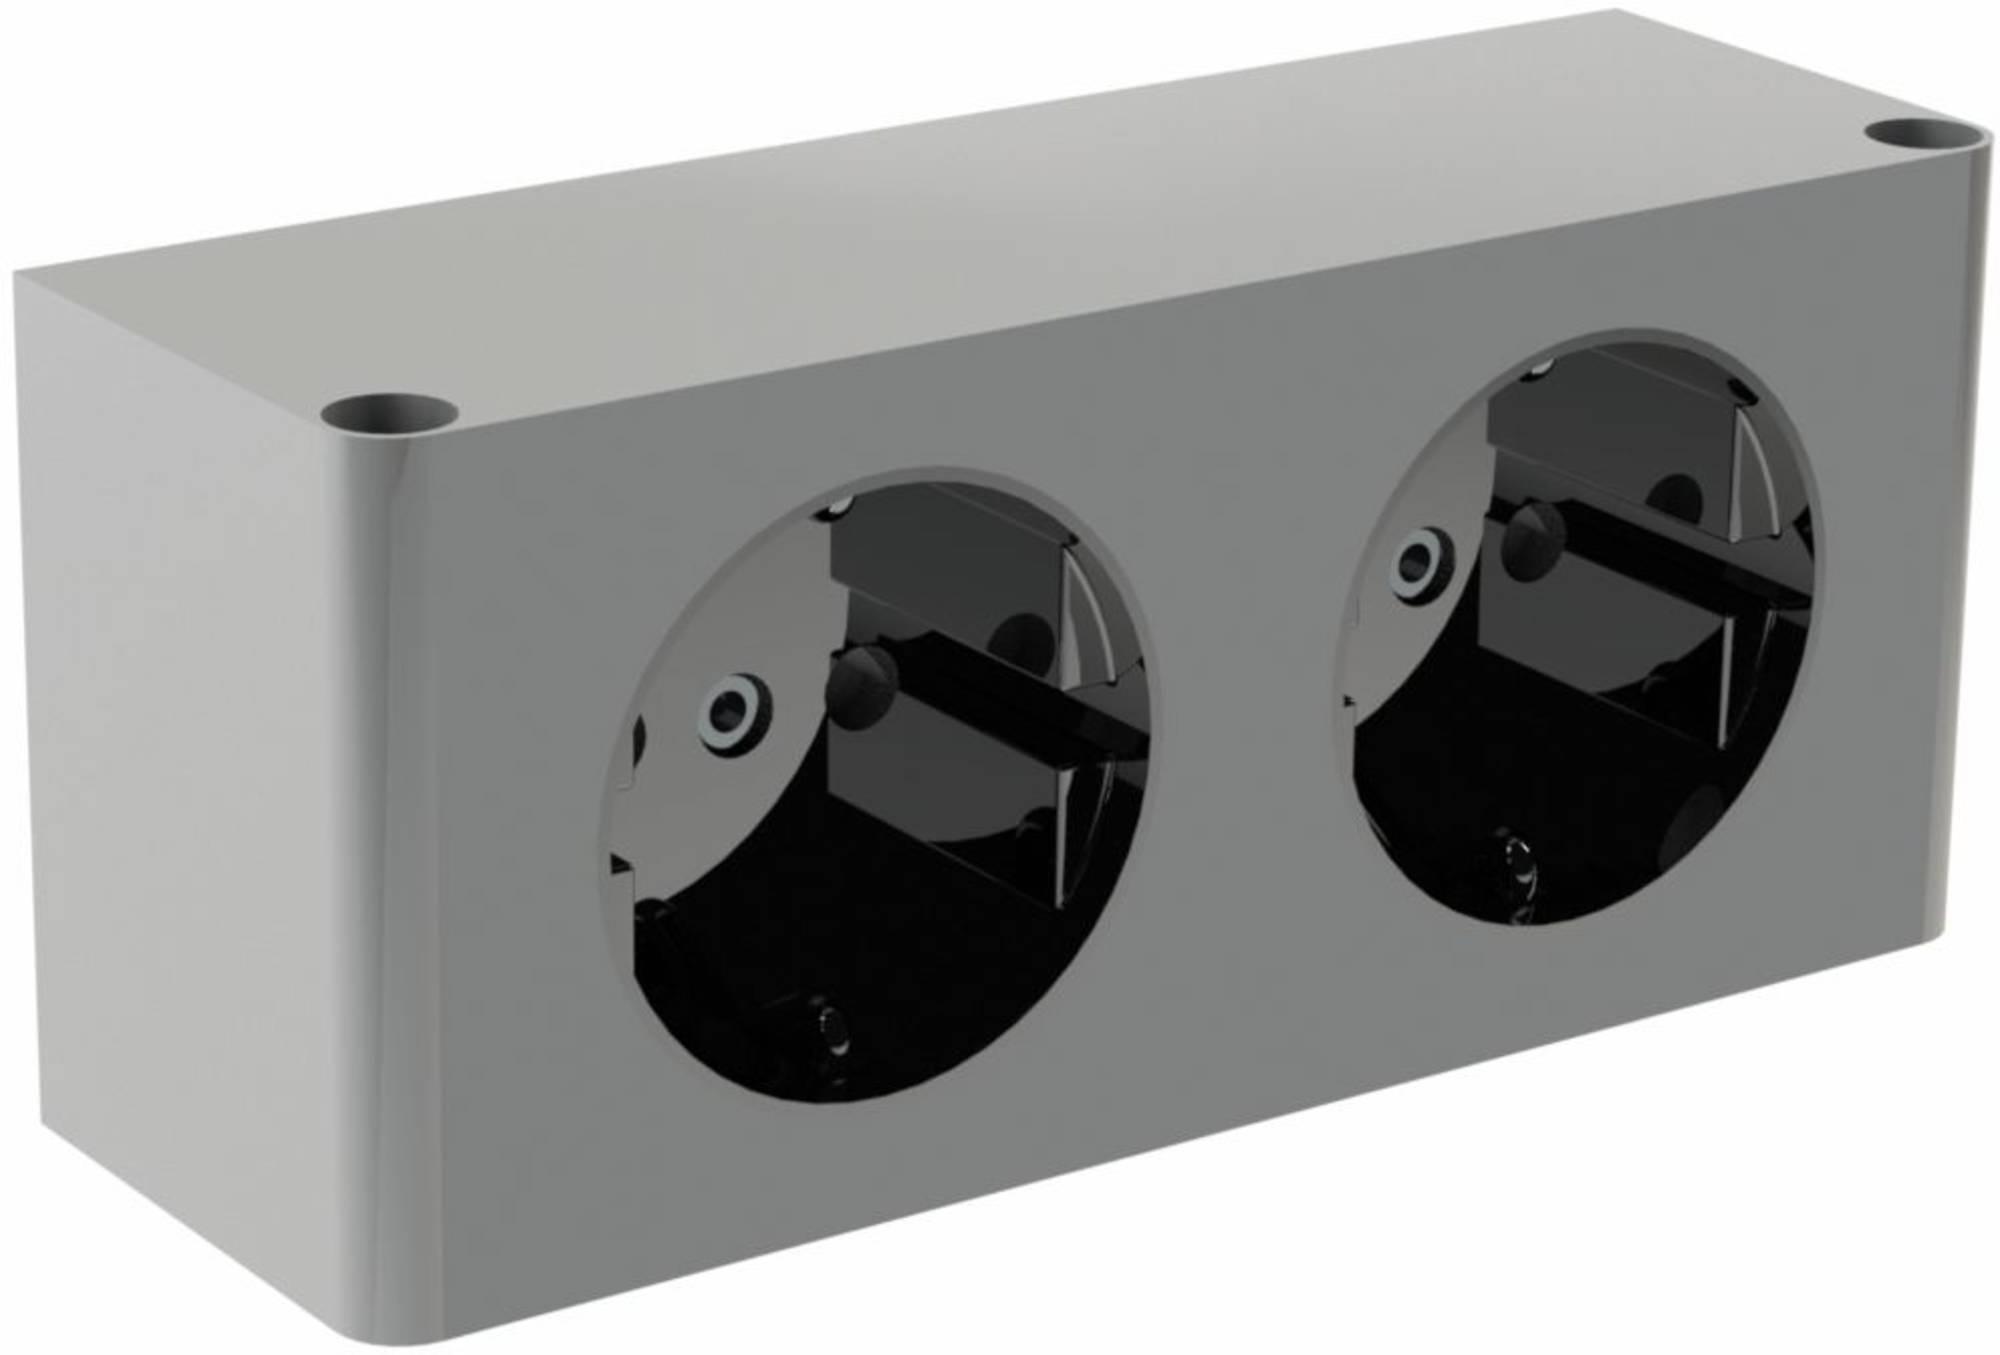 Thebalux Dubbel Stopcontact Voor Spiegelkast Grijs Saniweb Nl